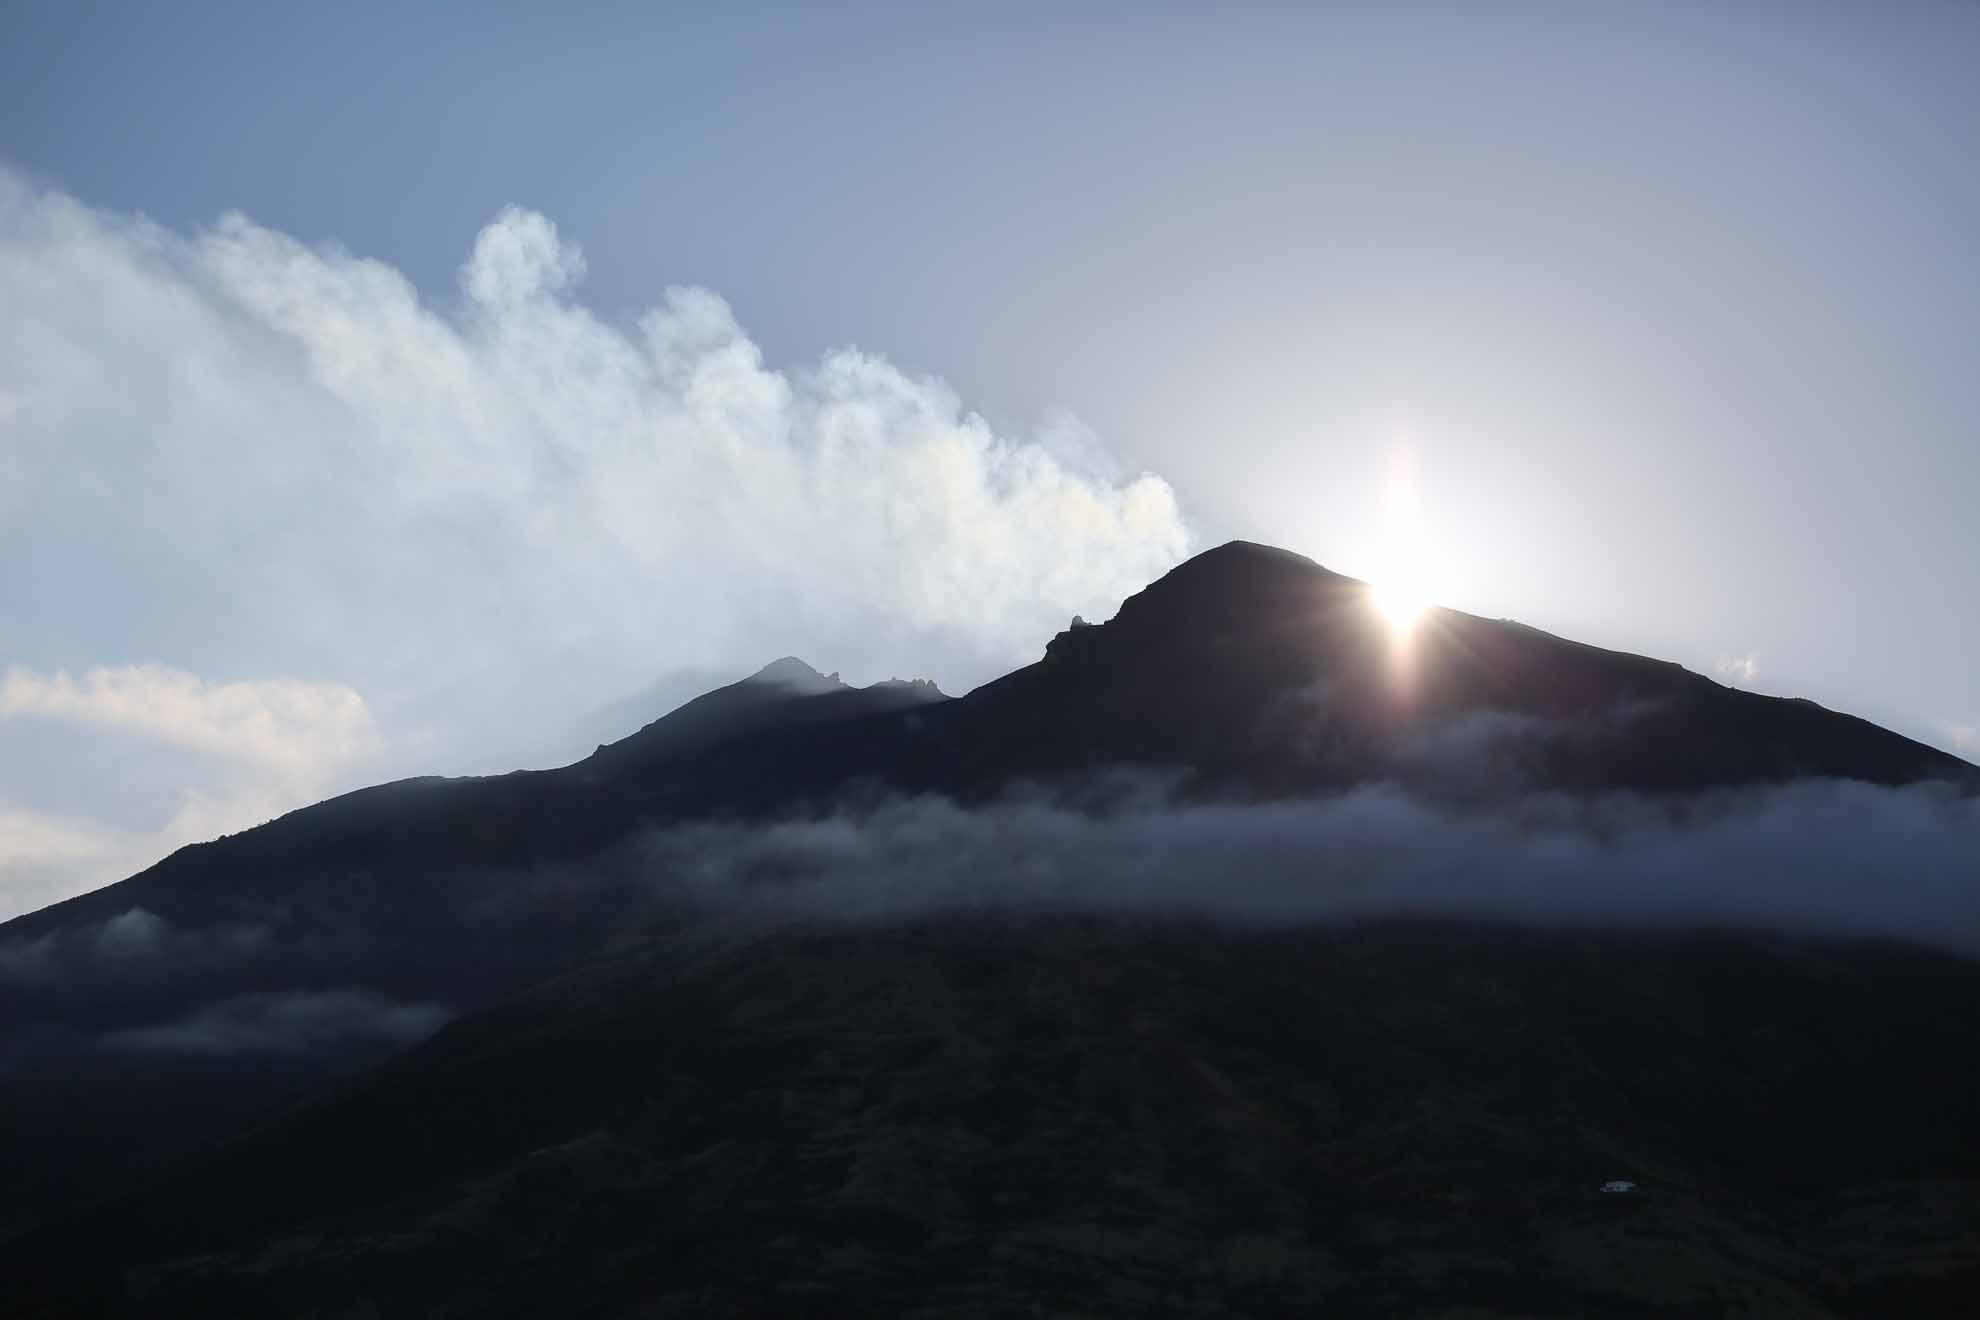 Vom Meeresgrund aus ragt der Vulkan fast 3.000 Meter empor, über 900 Meter davon über der Meeresoberfläche.